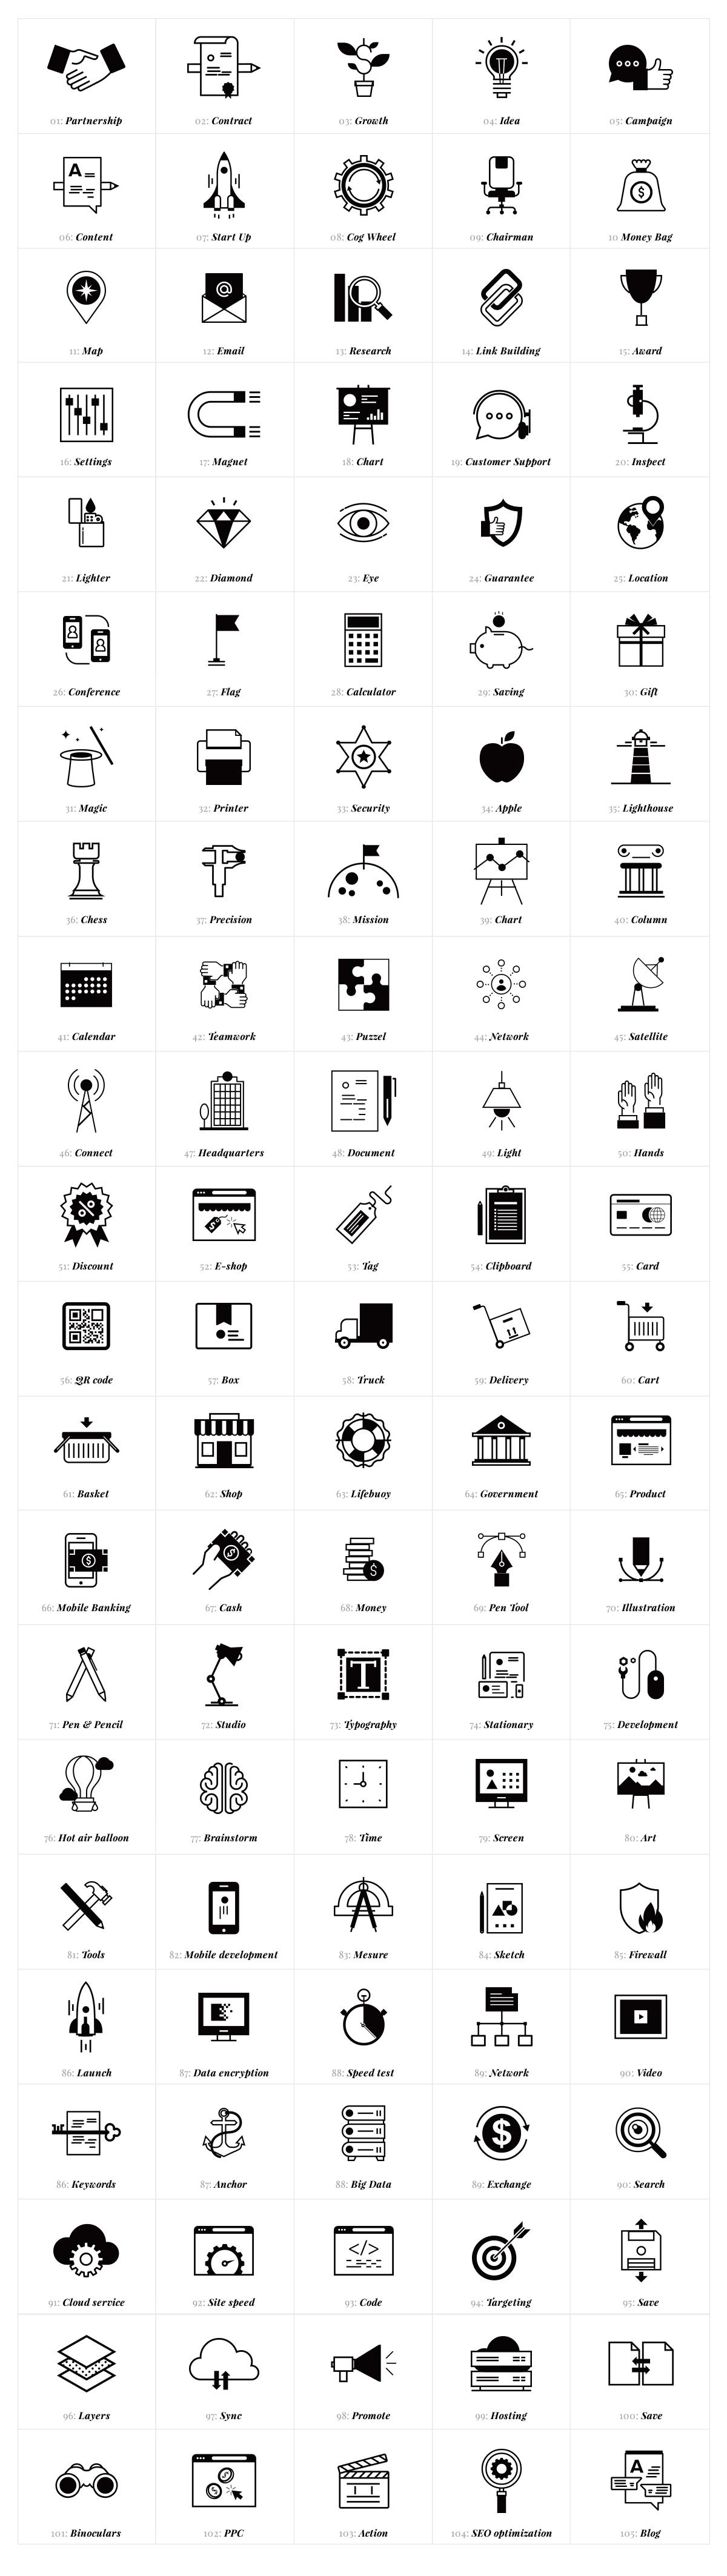 Pixie Icons